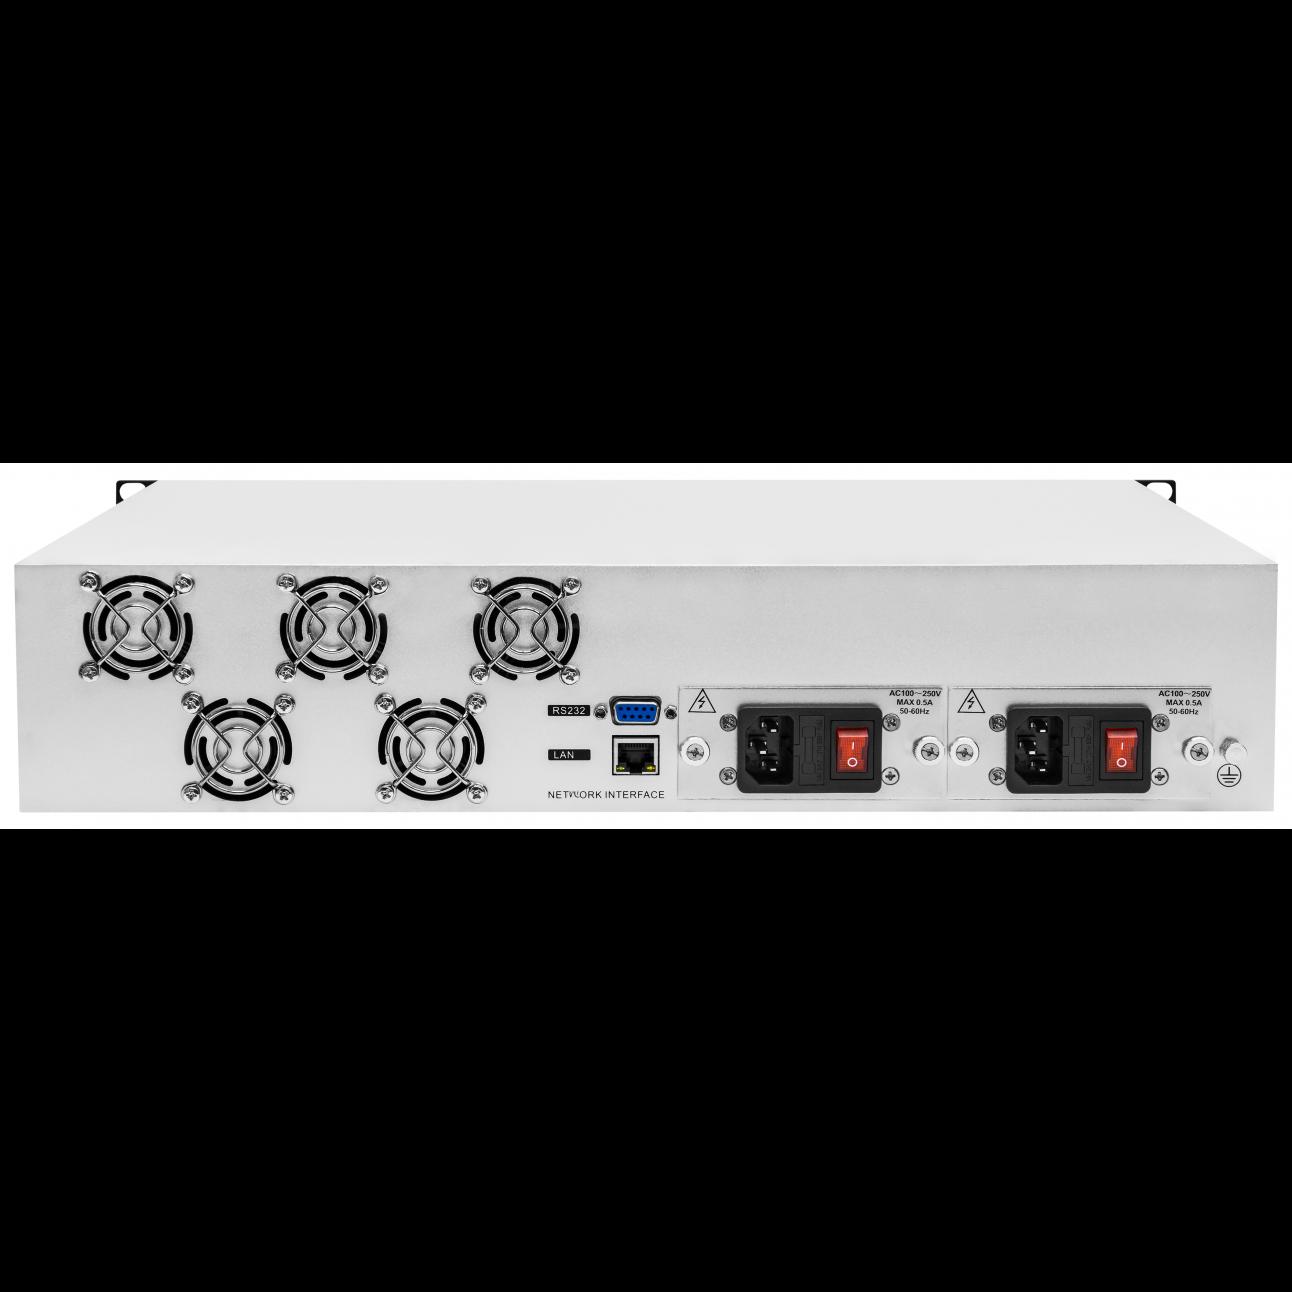 Оптический усилитель VERMAX для сетей КТВ, 8*23dBm, WDM фильтр PON